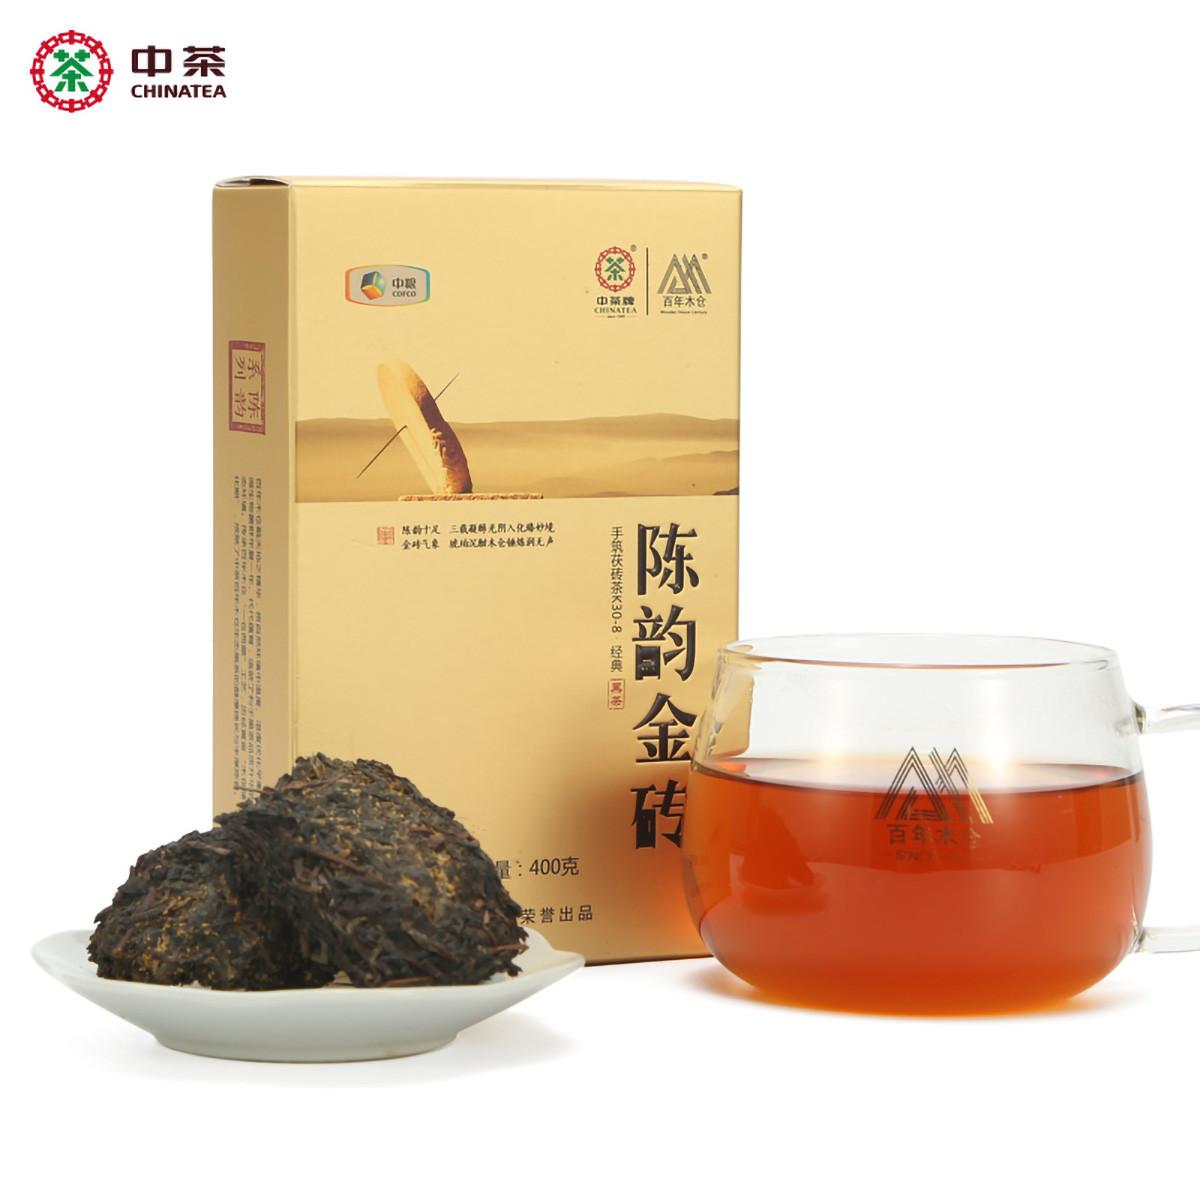 百年木仓 中茶  湖南安化黑茶 小盒装 陈韵金砖400g